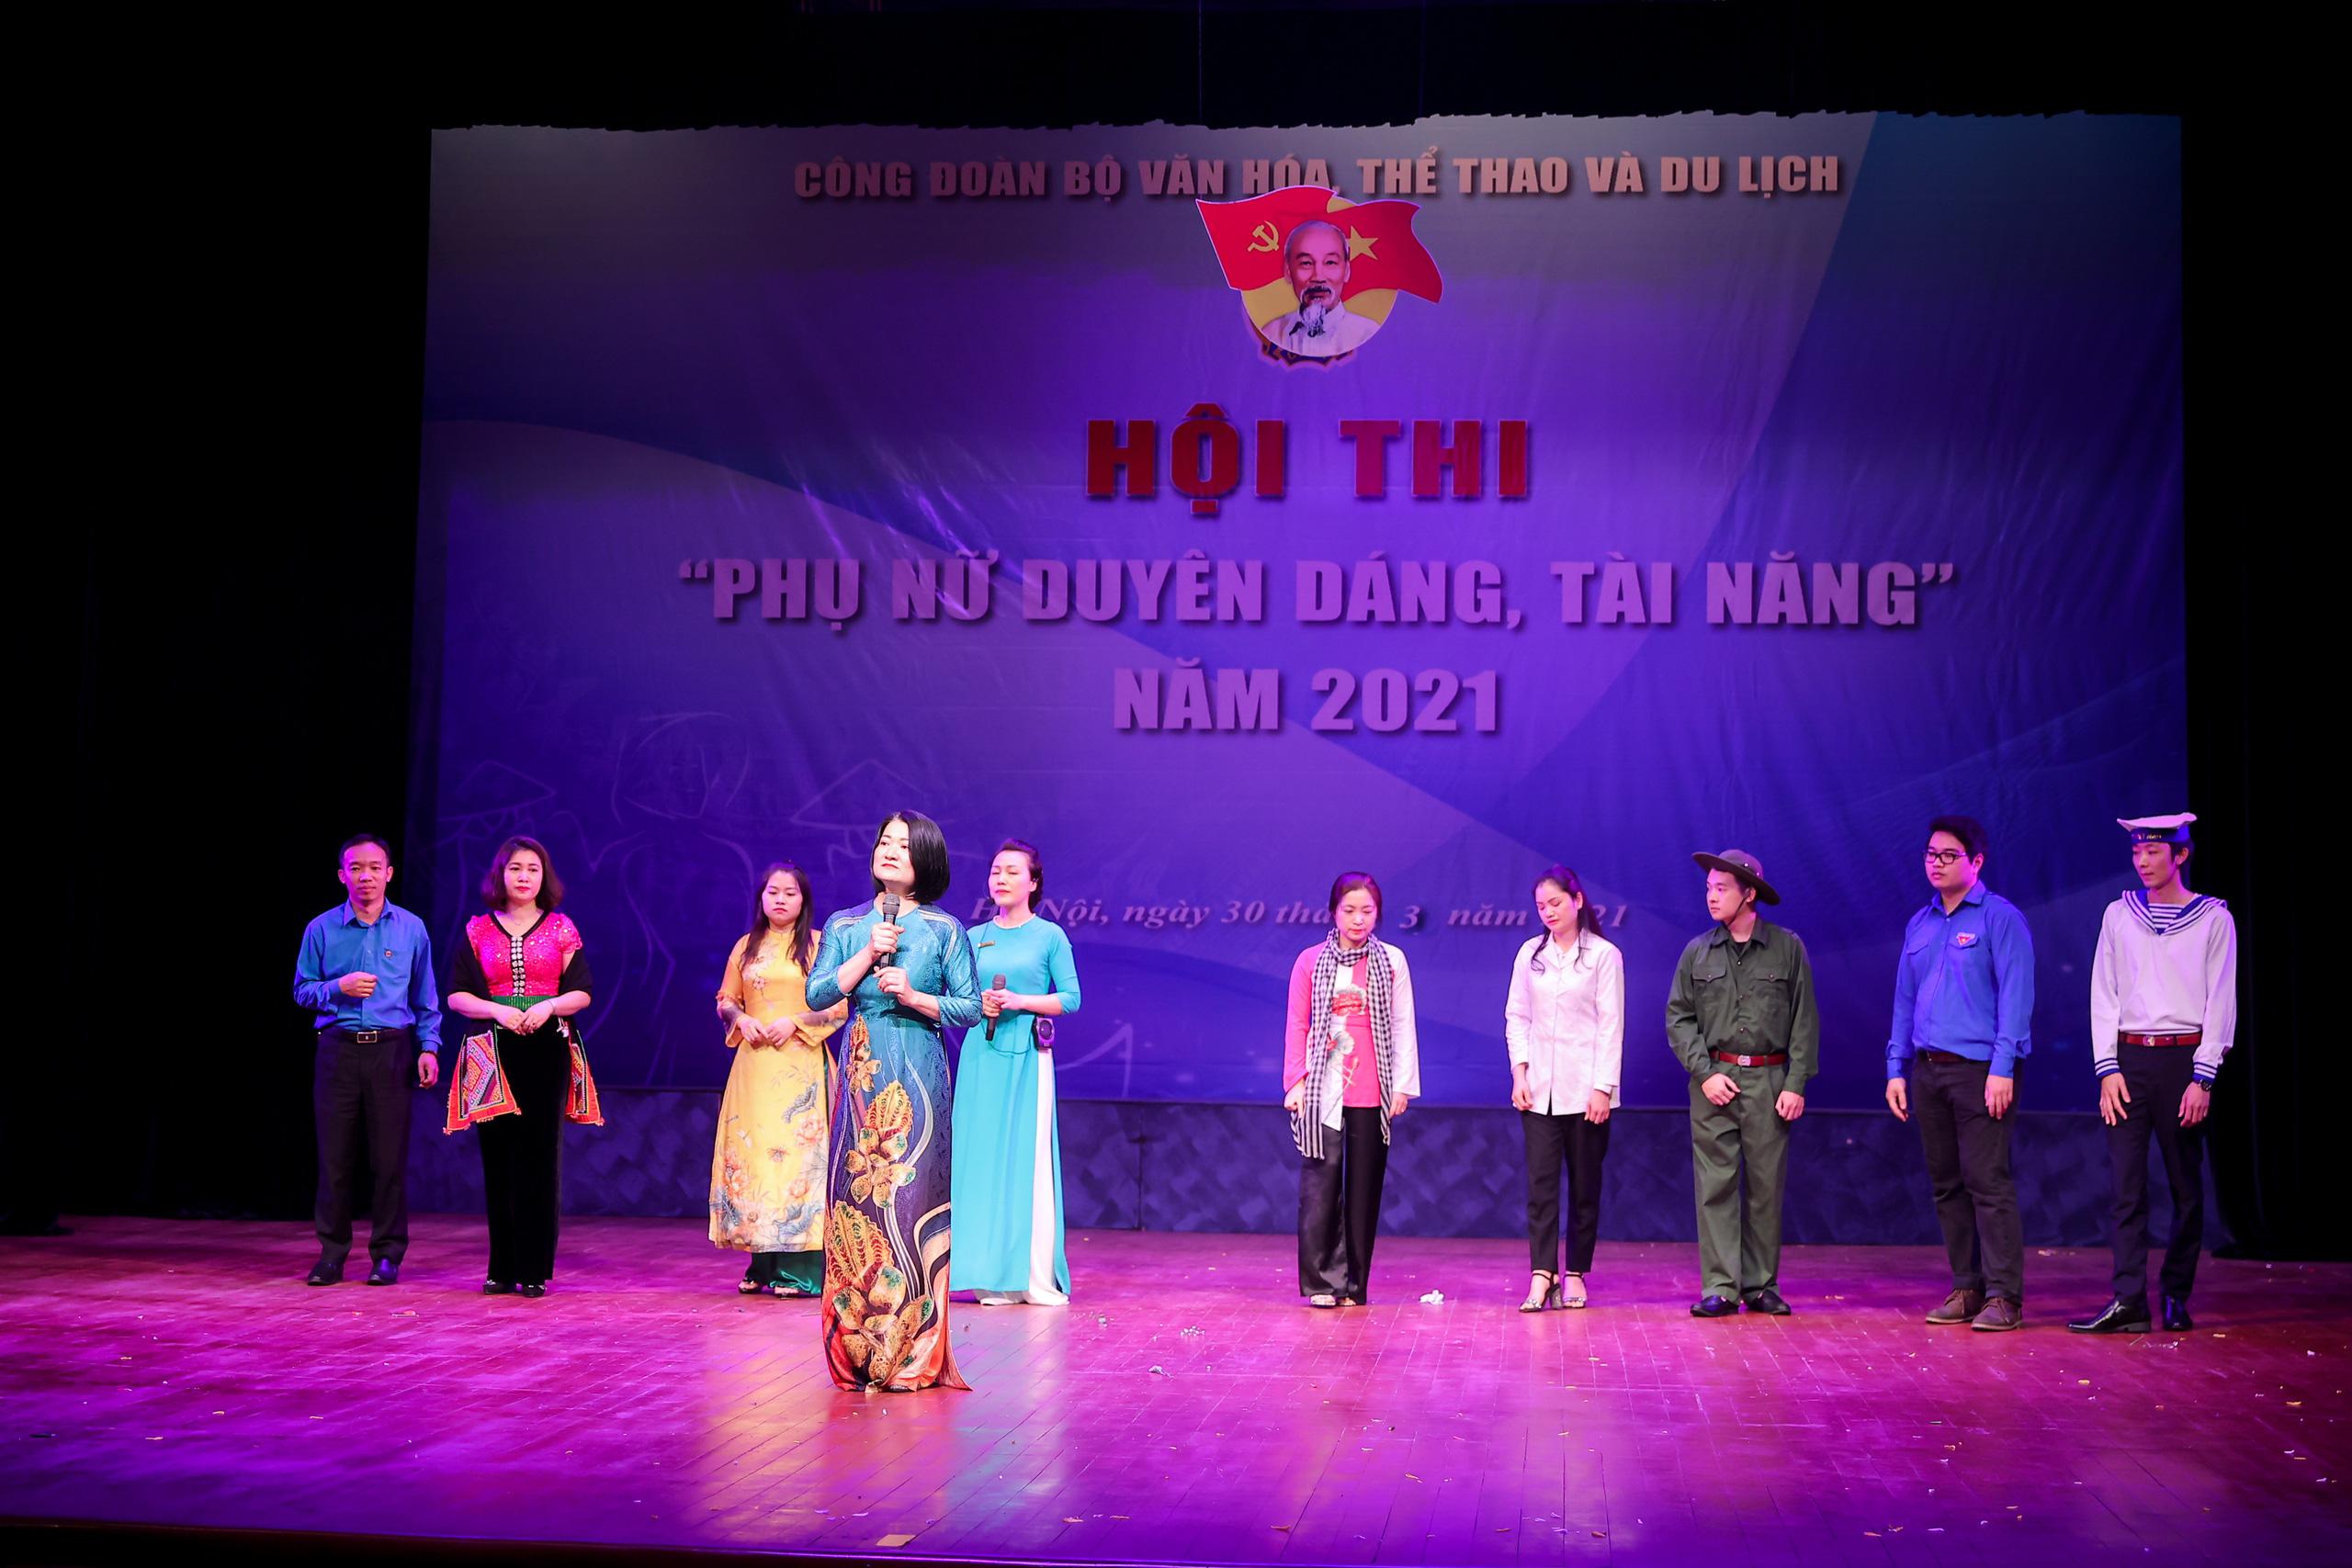 """Nhiều tiết mục ấn tượng trong Hội thi """"Phụ nữ duyên dáng, tài năng"""" năm 2021 - Ảnh 8."""